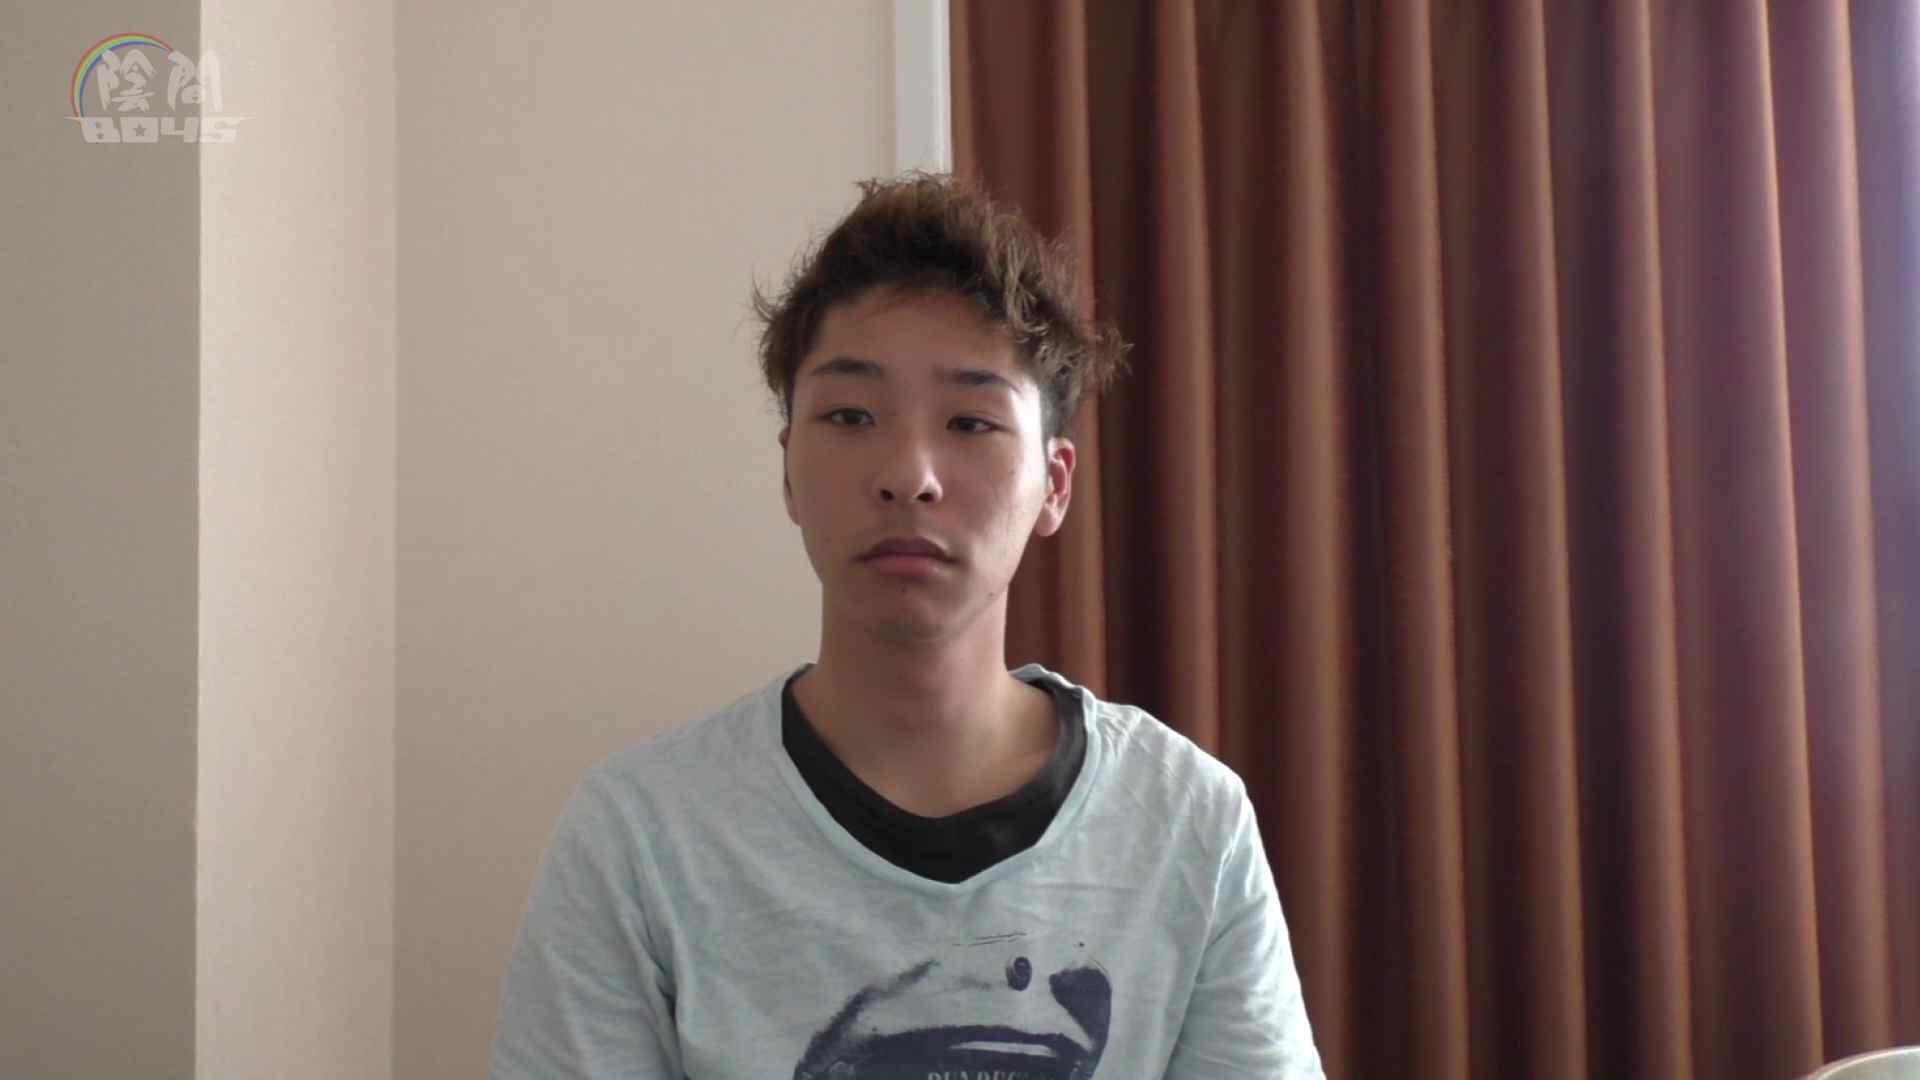 デカチン探偵かしこまりpart2 No.08 童顔 ゲイモロ画像 68pic 14